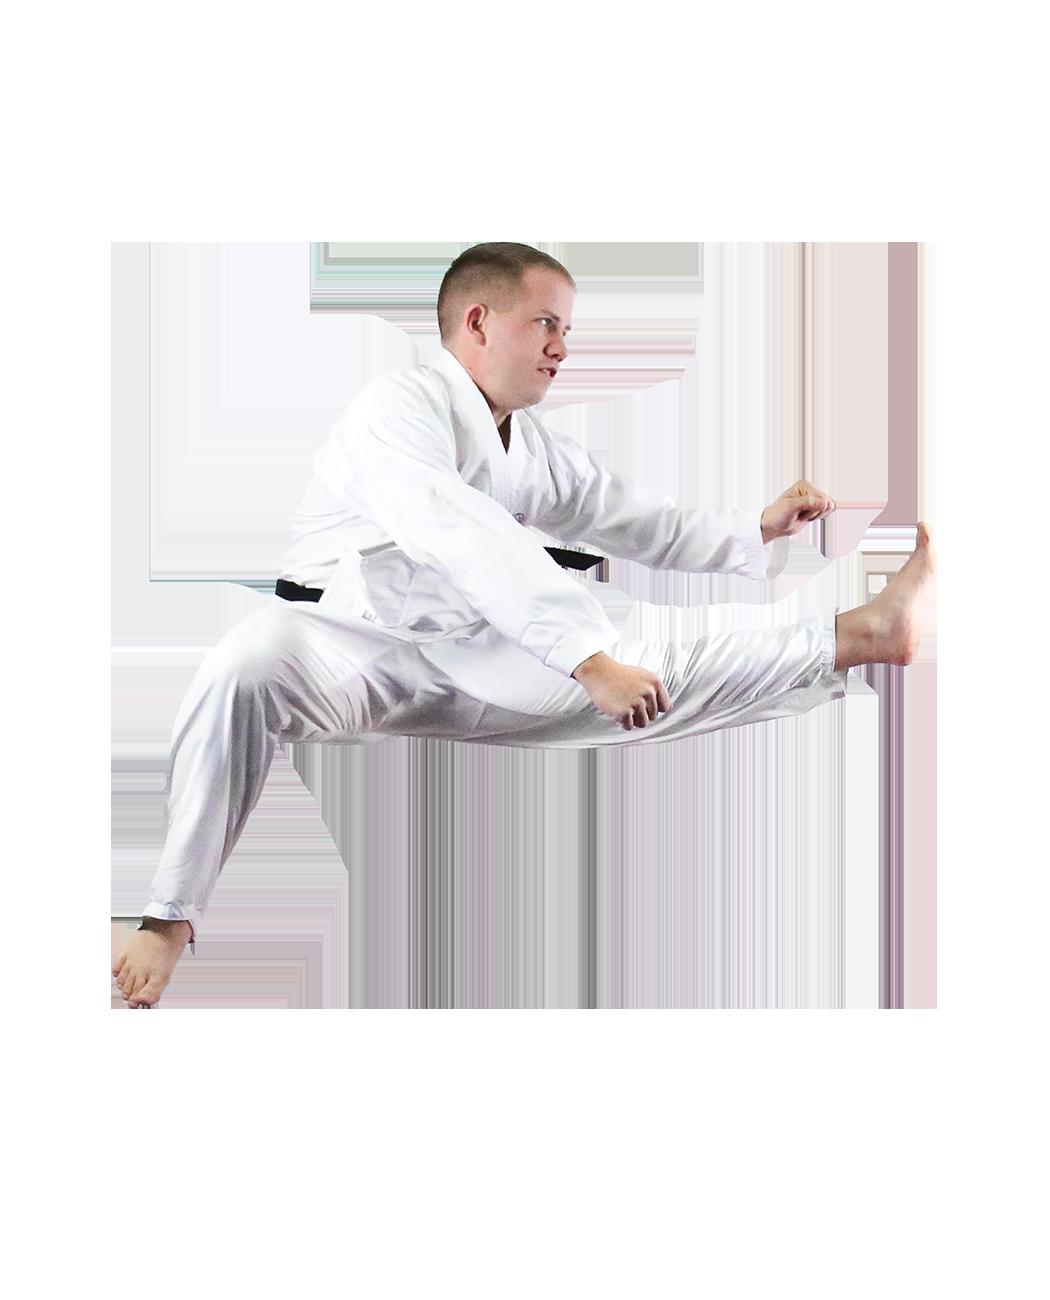 Karate_Entwicklung-des-modernen-Karate_Stefan-Rochau